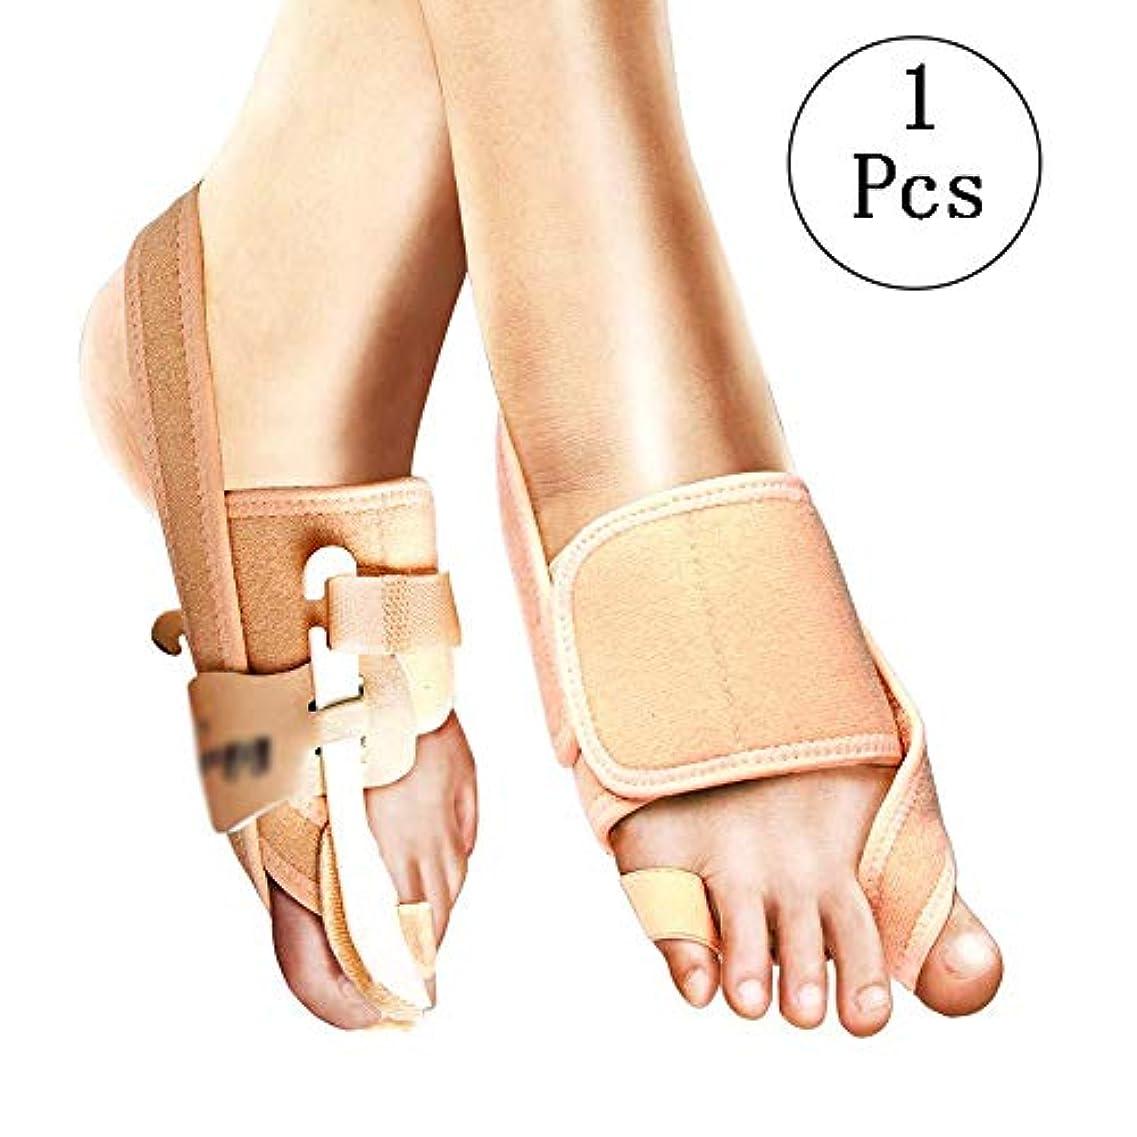 軽量請求可能モーションつま先セパレーター付きの足の親指矯正器、男性と女性の柔らかいガスケット痛みを伴う外反母外傷スプレッダー大きな足装具包帯,LeftFoot-S